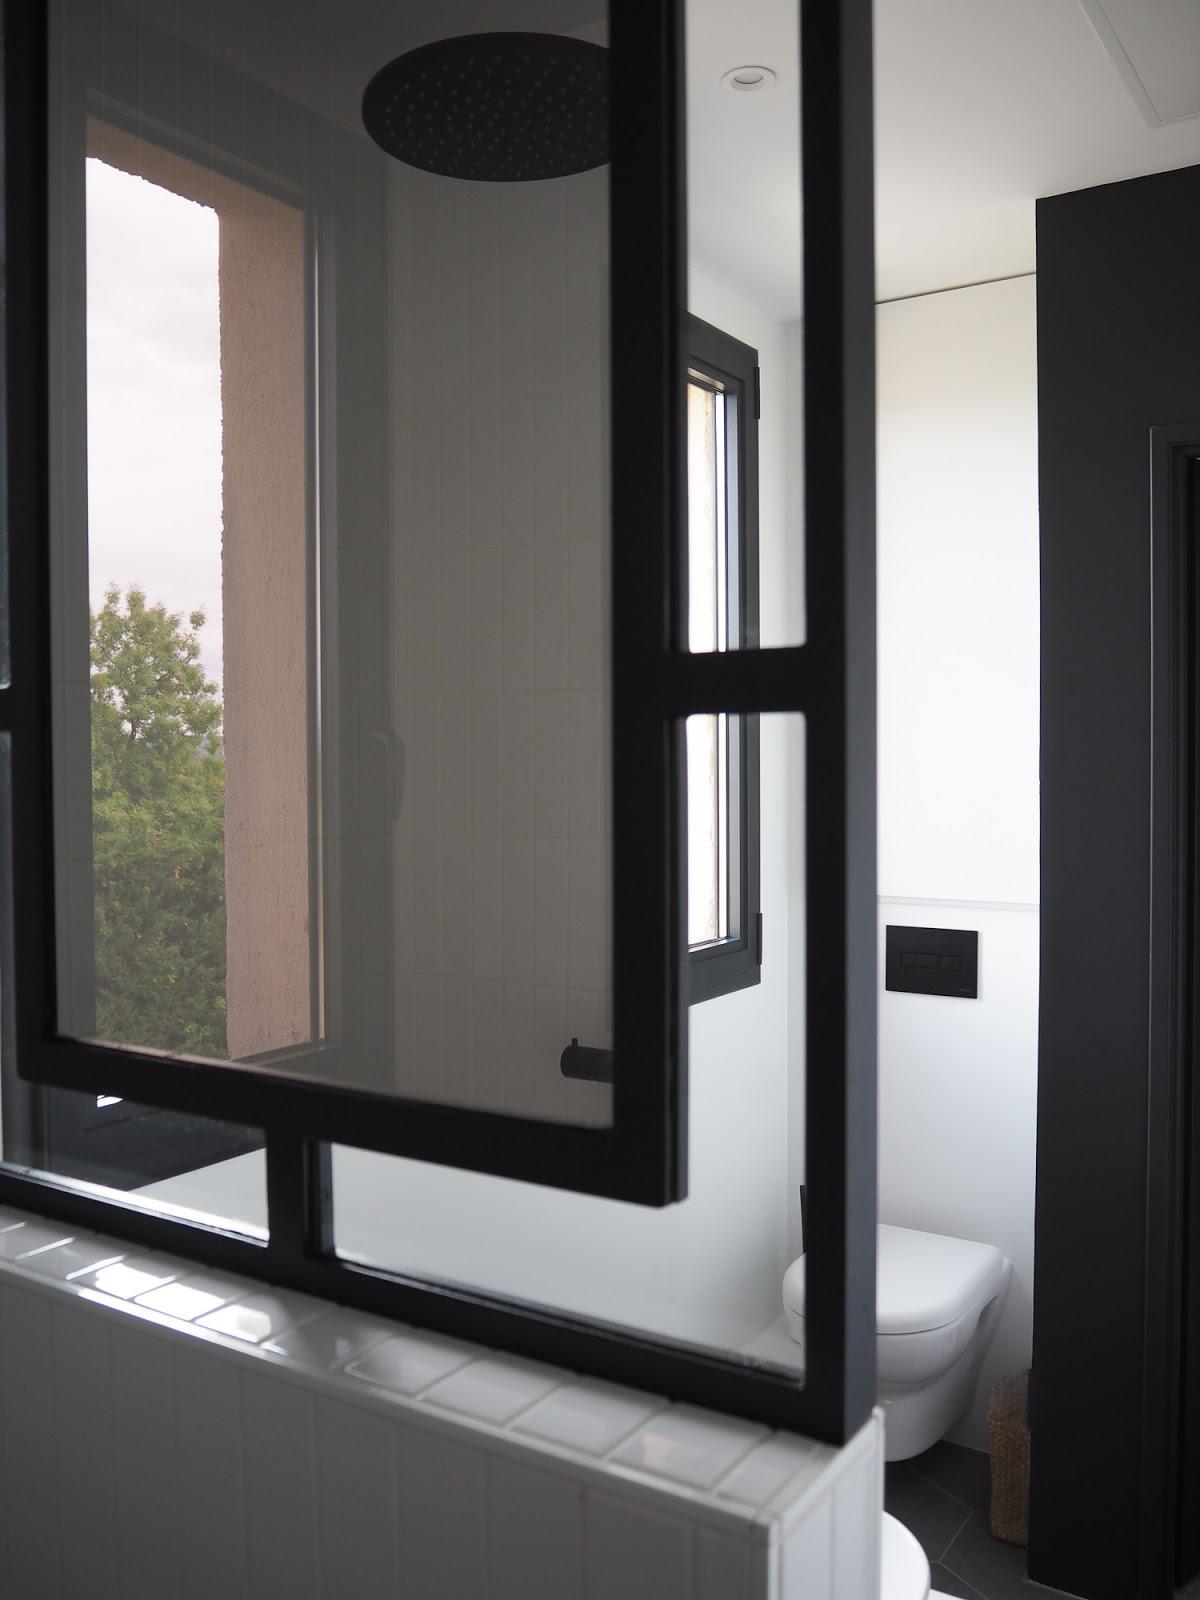 ilaria fatone - décoration d'intérieur - projet pour salle de bains